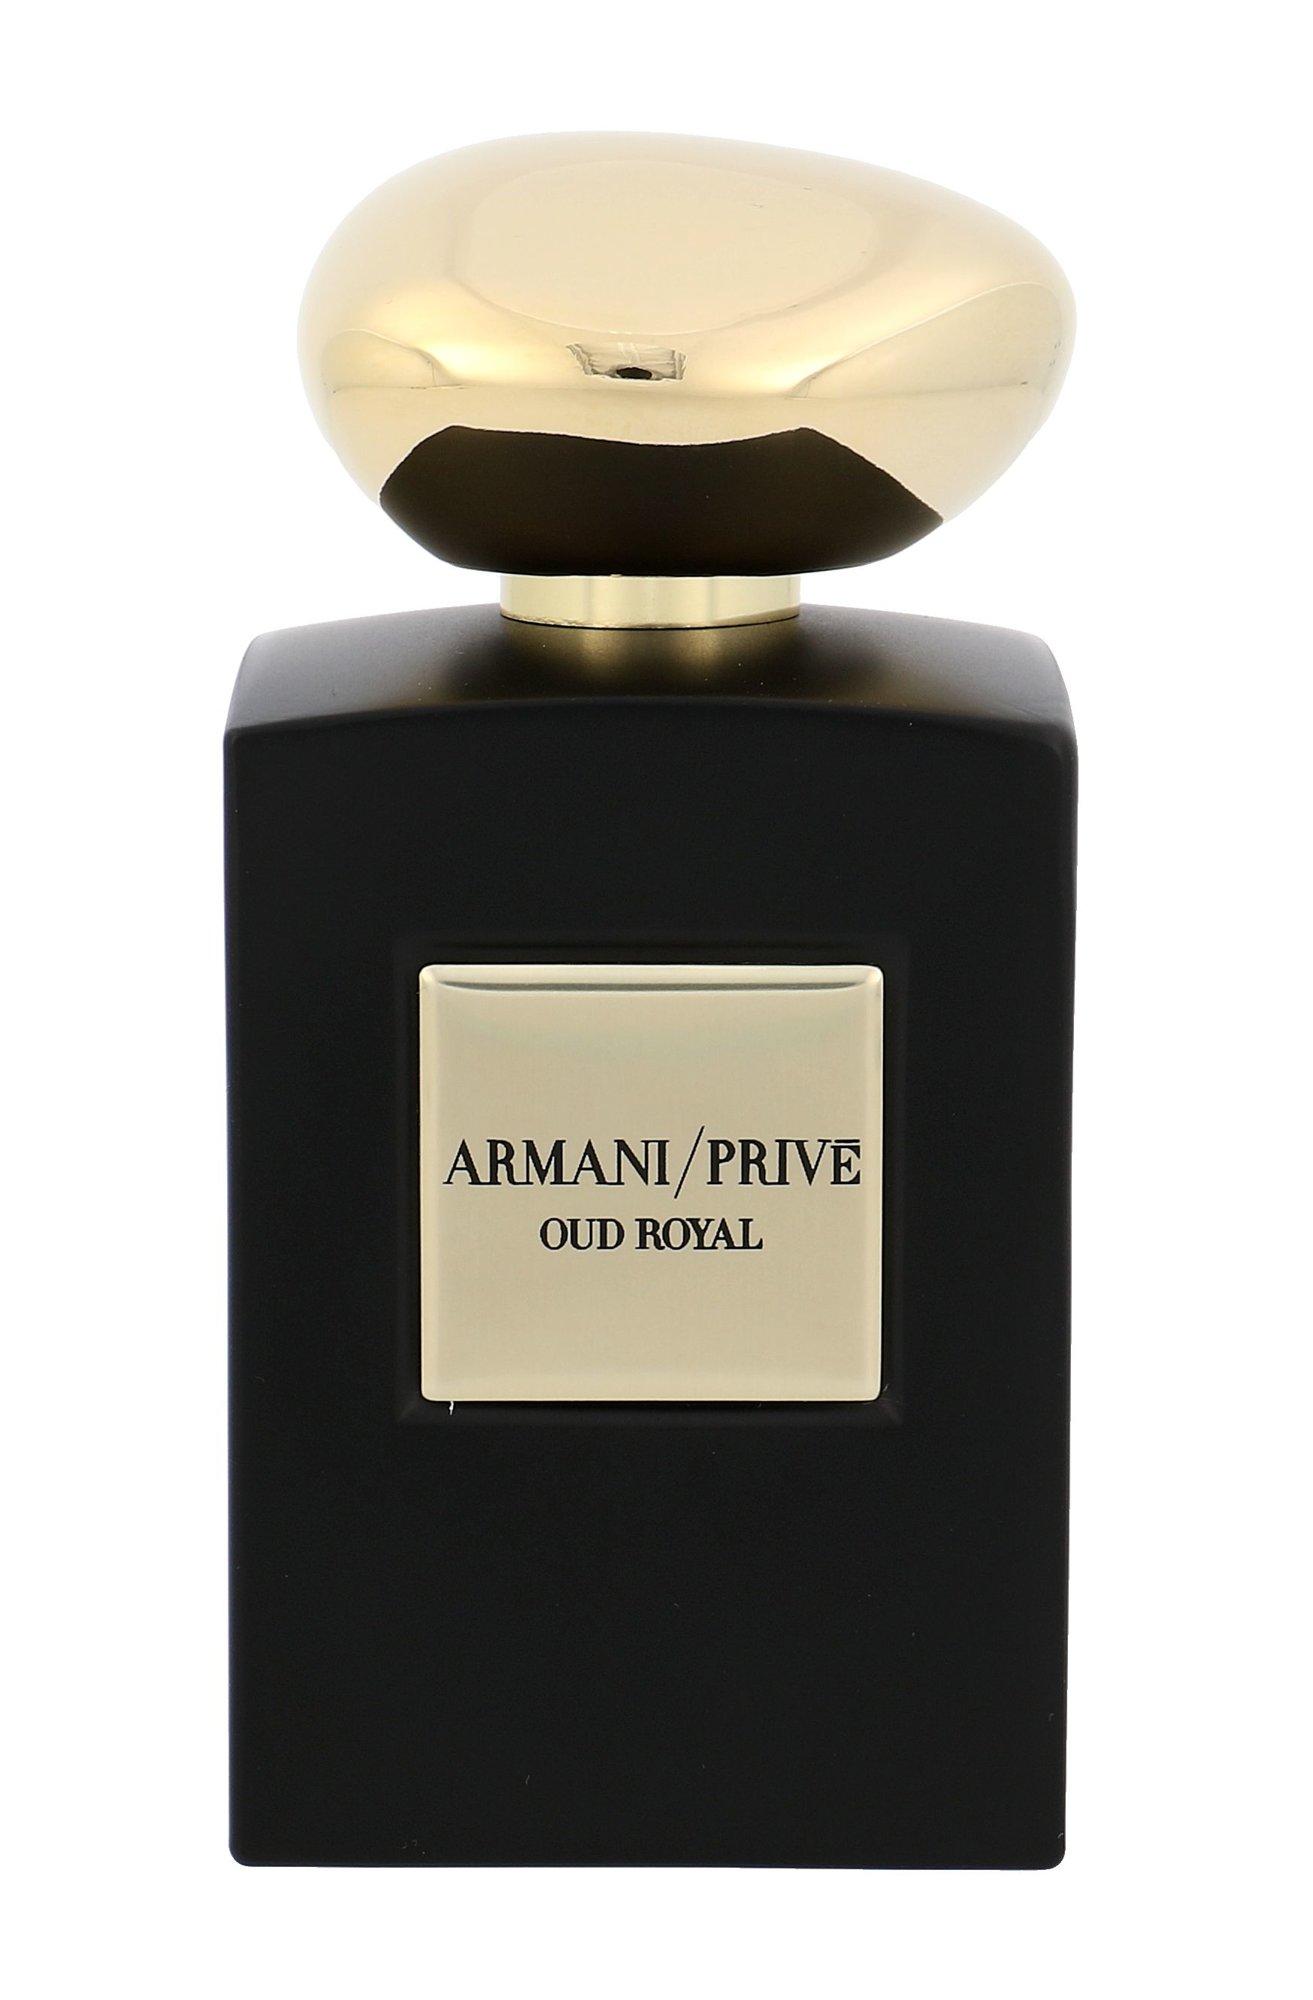 Armani Privé Oud Royal Eau de Parfum 100ml  Intense